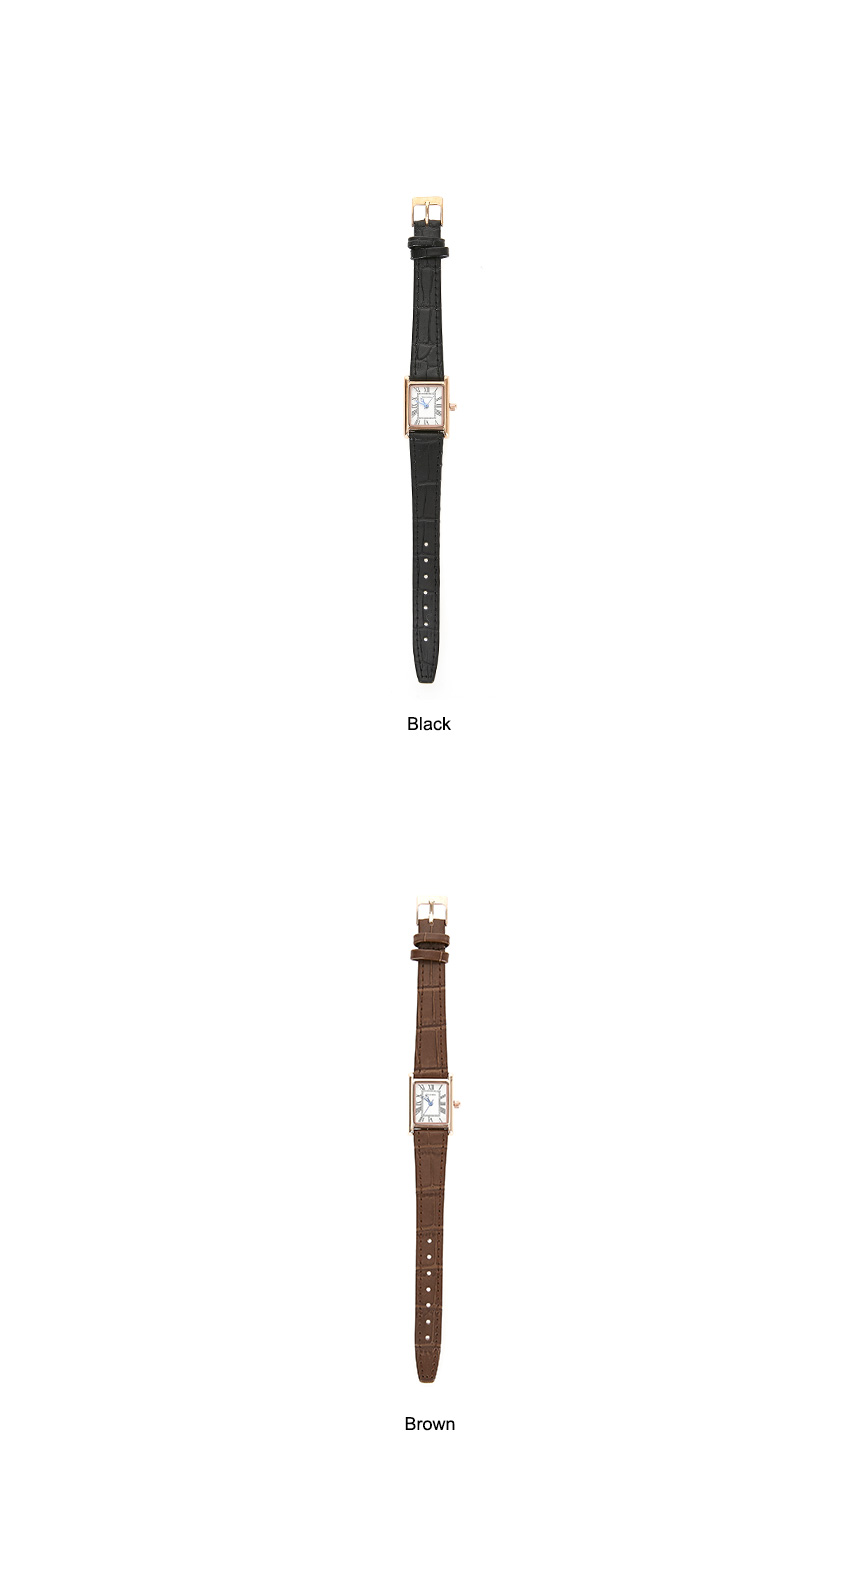 Ondera Classic Watch